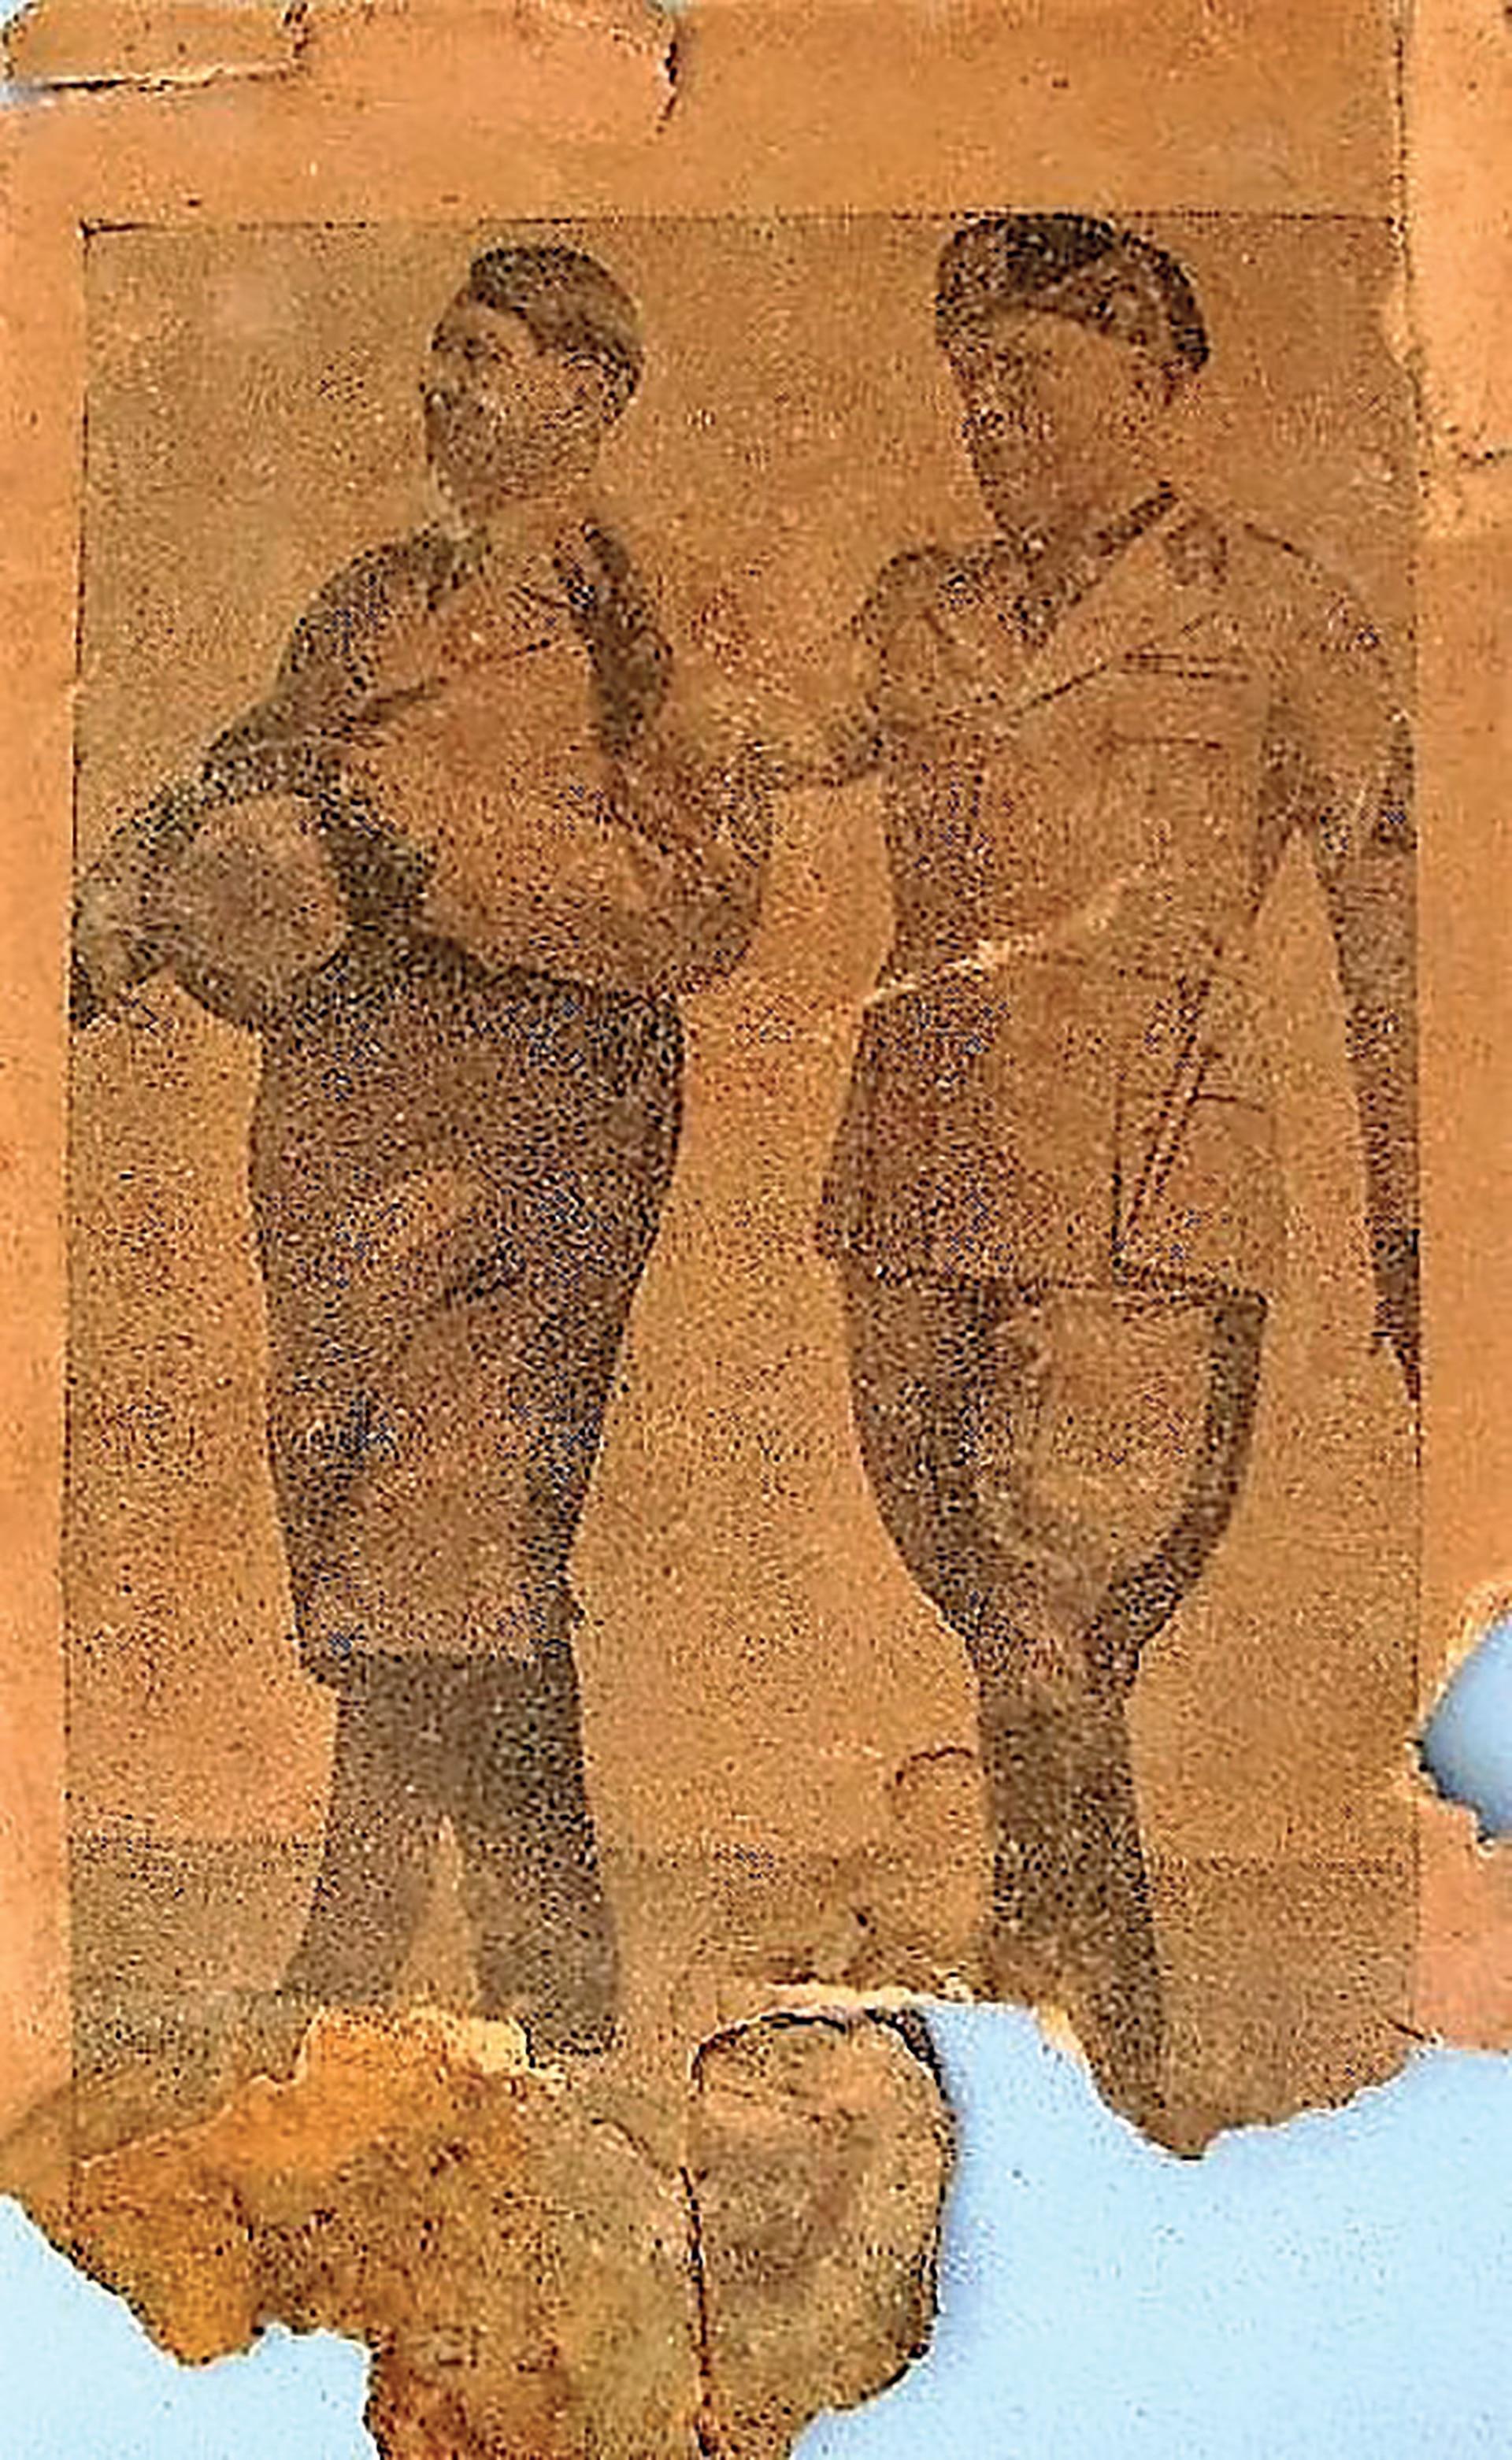 Adolf Hitler y Benito Mussolini en una vieja foto encontrada en el refugio